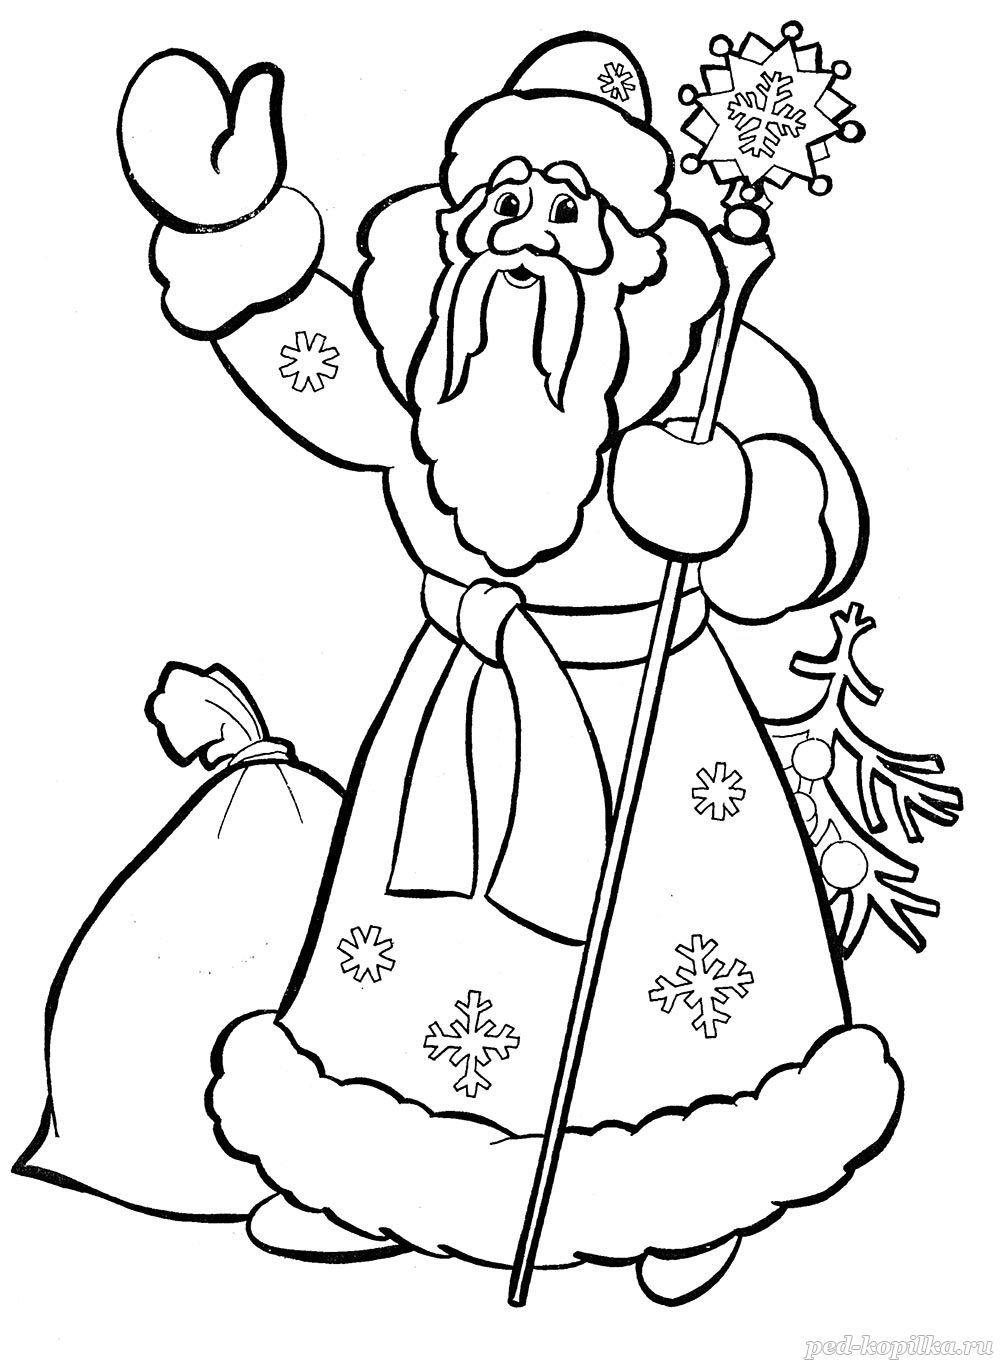 Картинка деда мороза и снегурочки распечатать